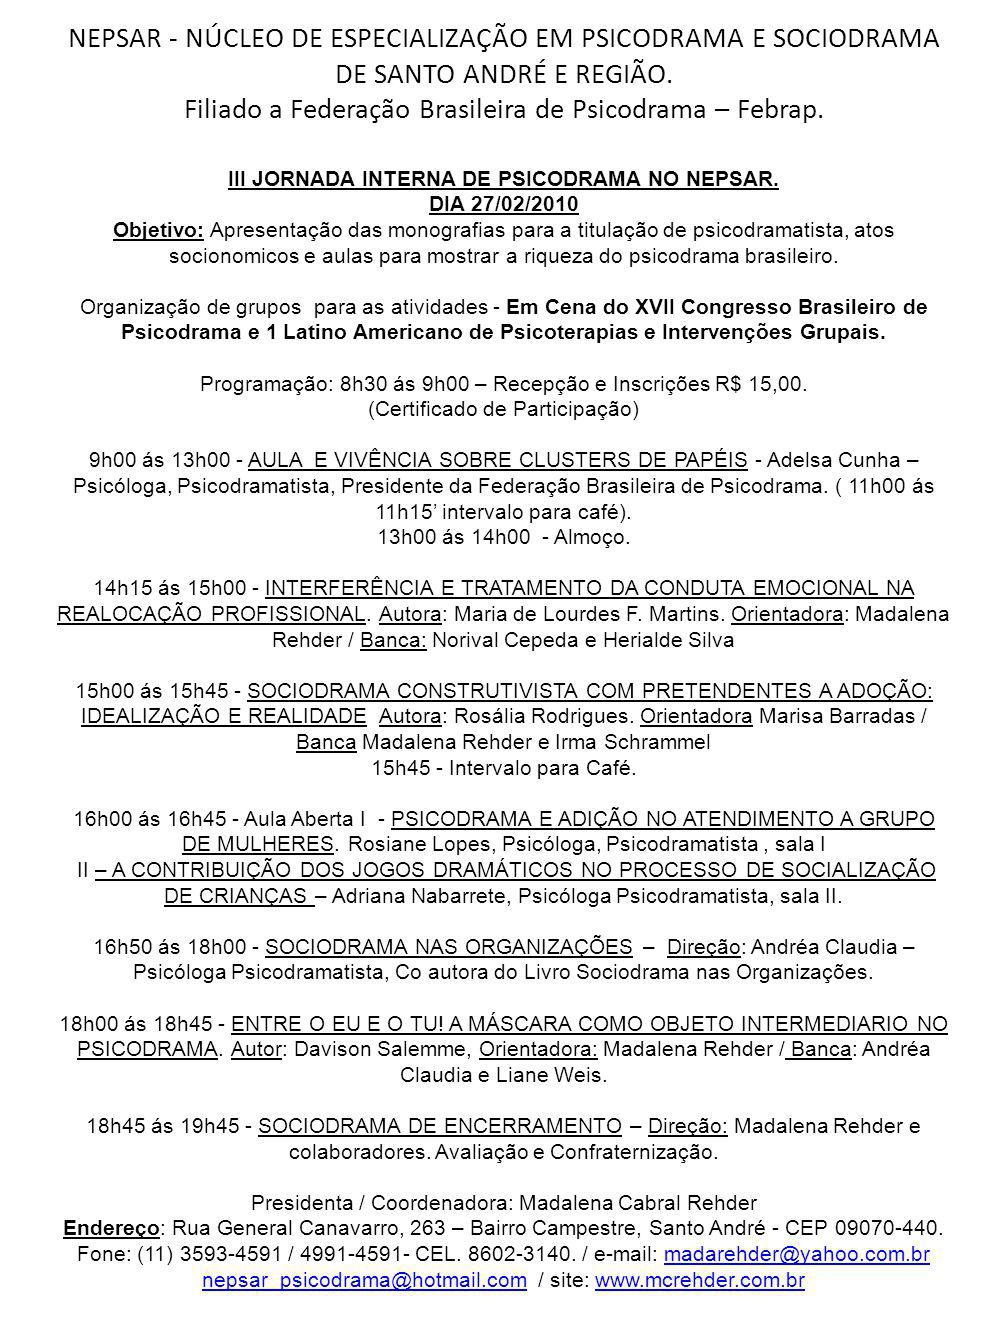 NEPSAR - NÚCLEO DE ESPECIALIZAÇÃO EM PSICODRAMA E SOCIODRAMA DE SANTO ANDRÉ E REGIÃO. Filiado a Federação Brasileira de Psicodrama – Febrap. III JORNA